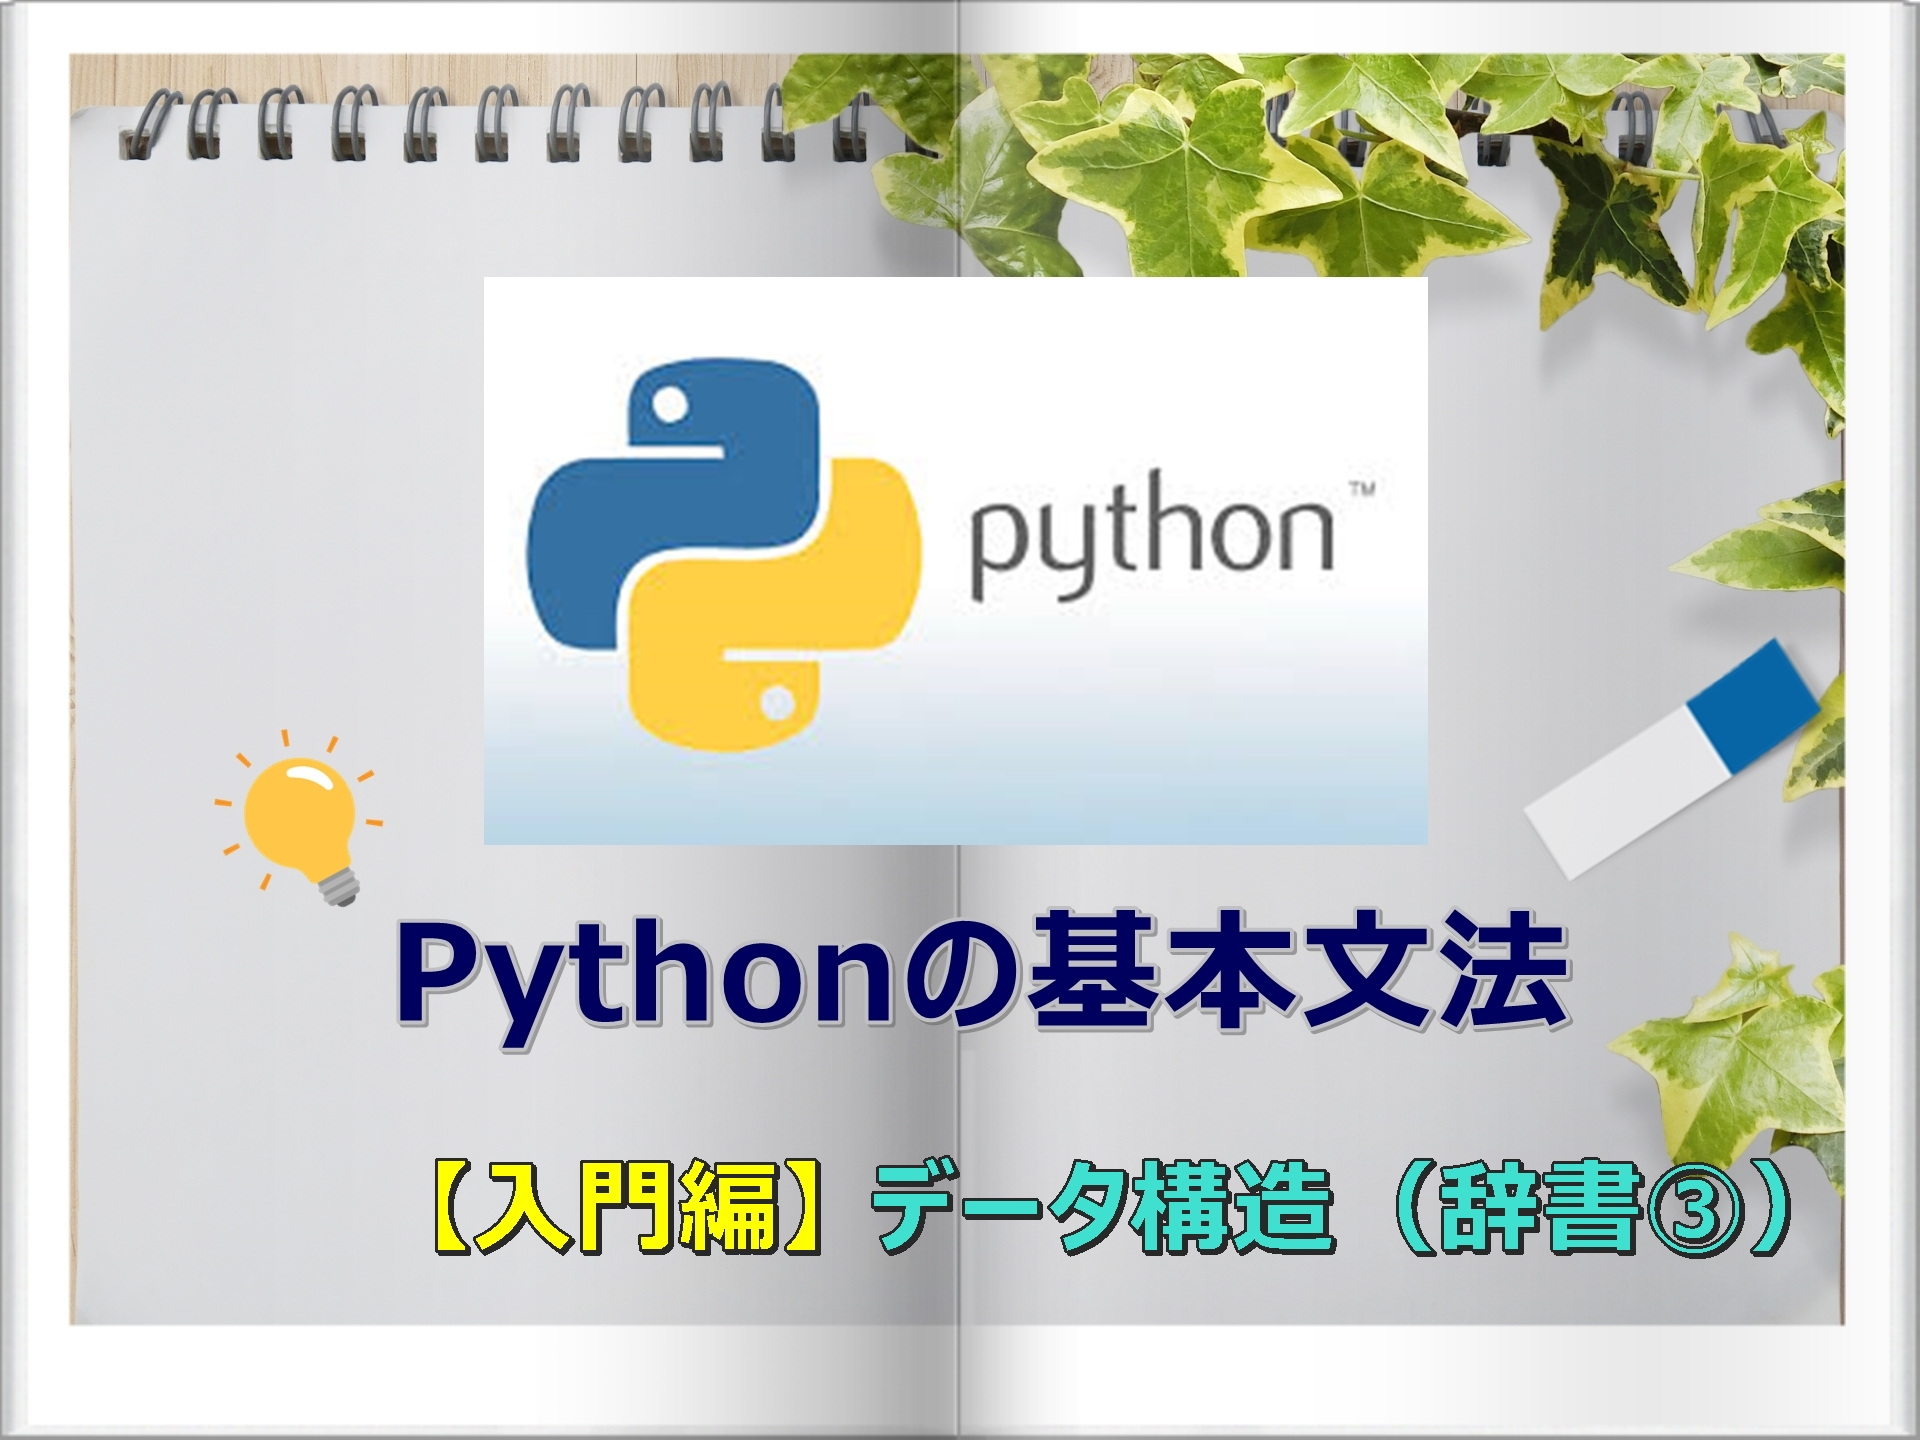 Python_基本文法_入門編_データ構造(辞書3)